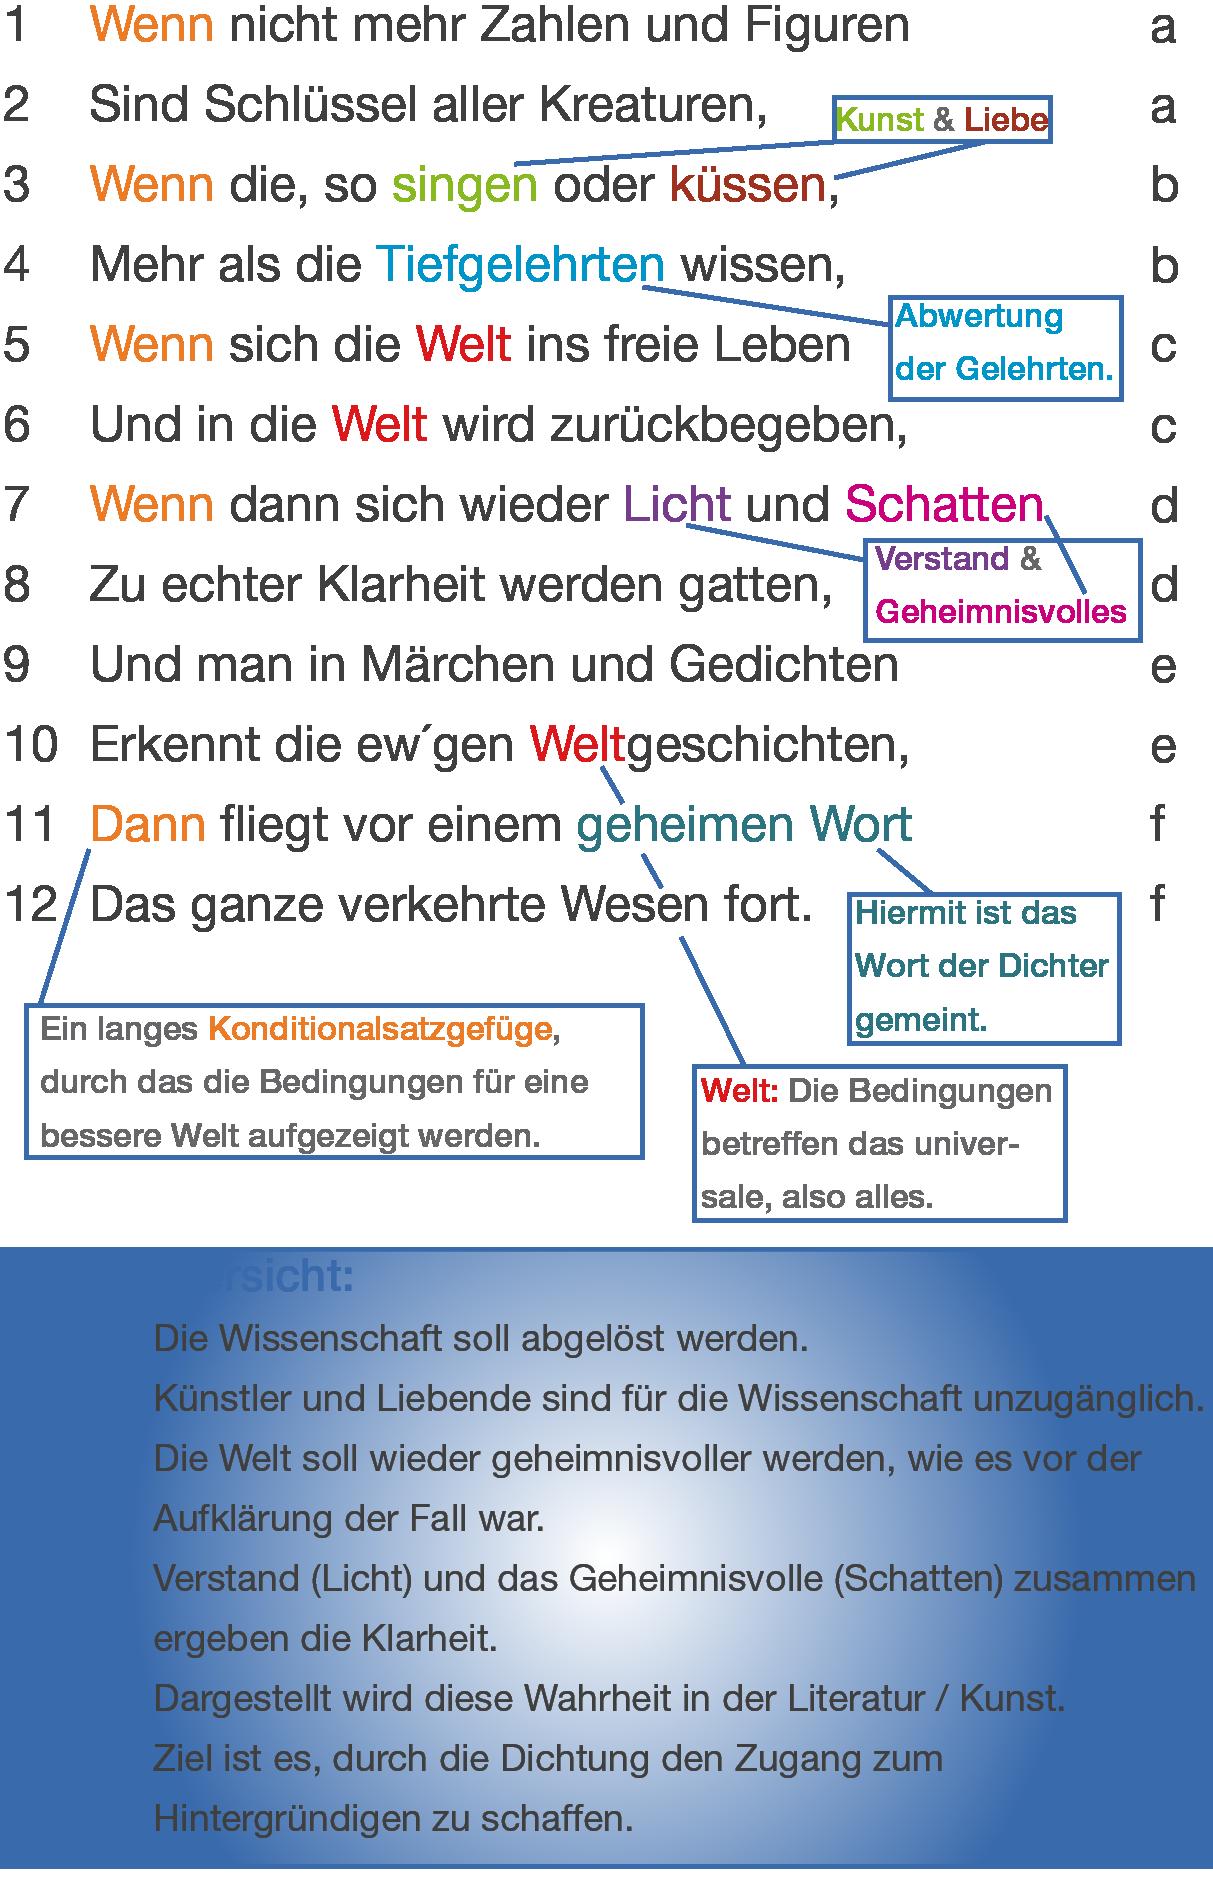 Gedichte: Mensch und Natur (Digitales Schulbuch Deutsch)